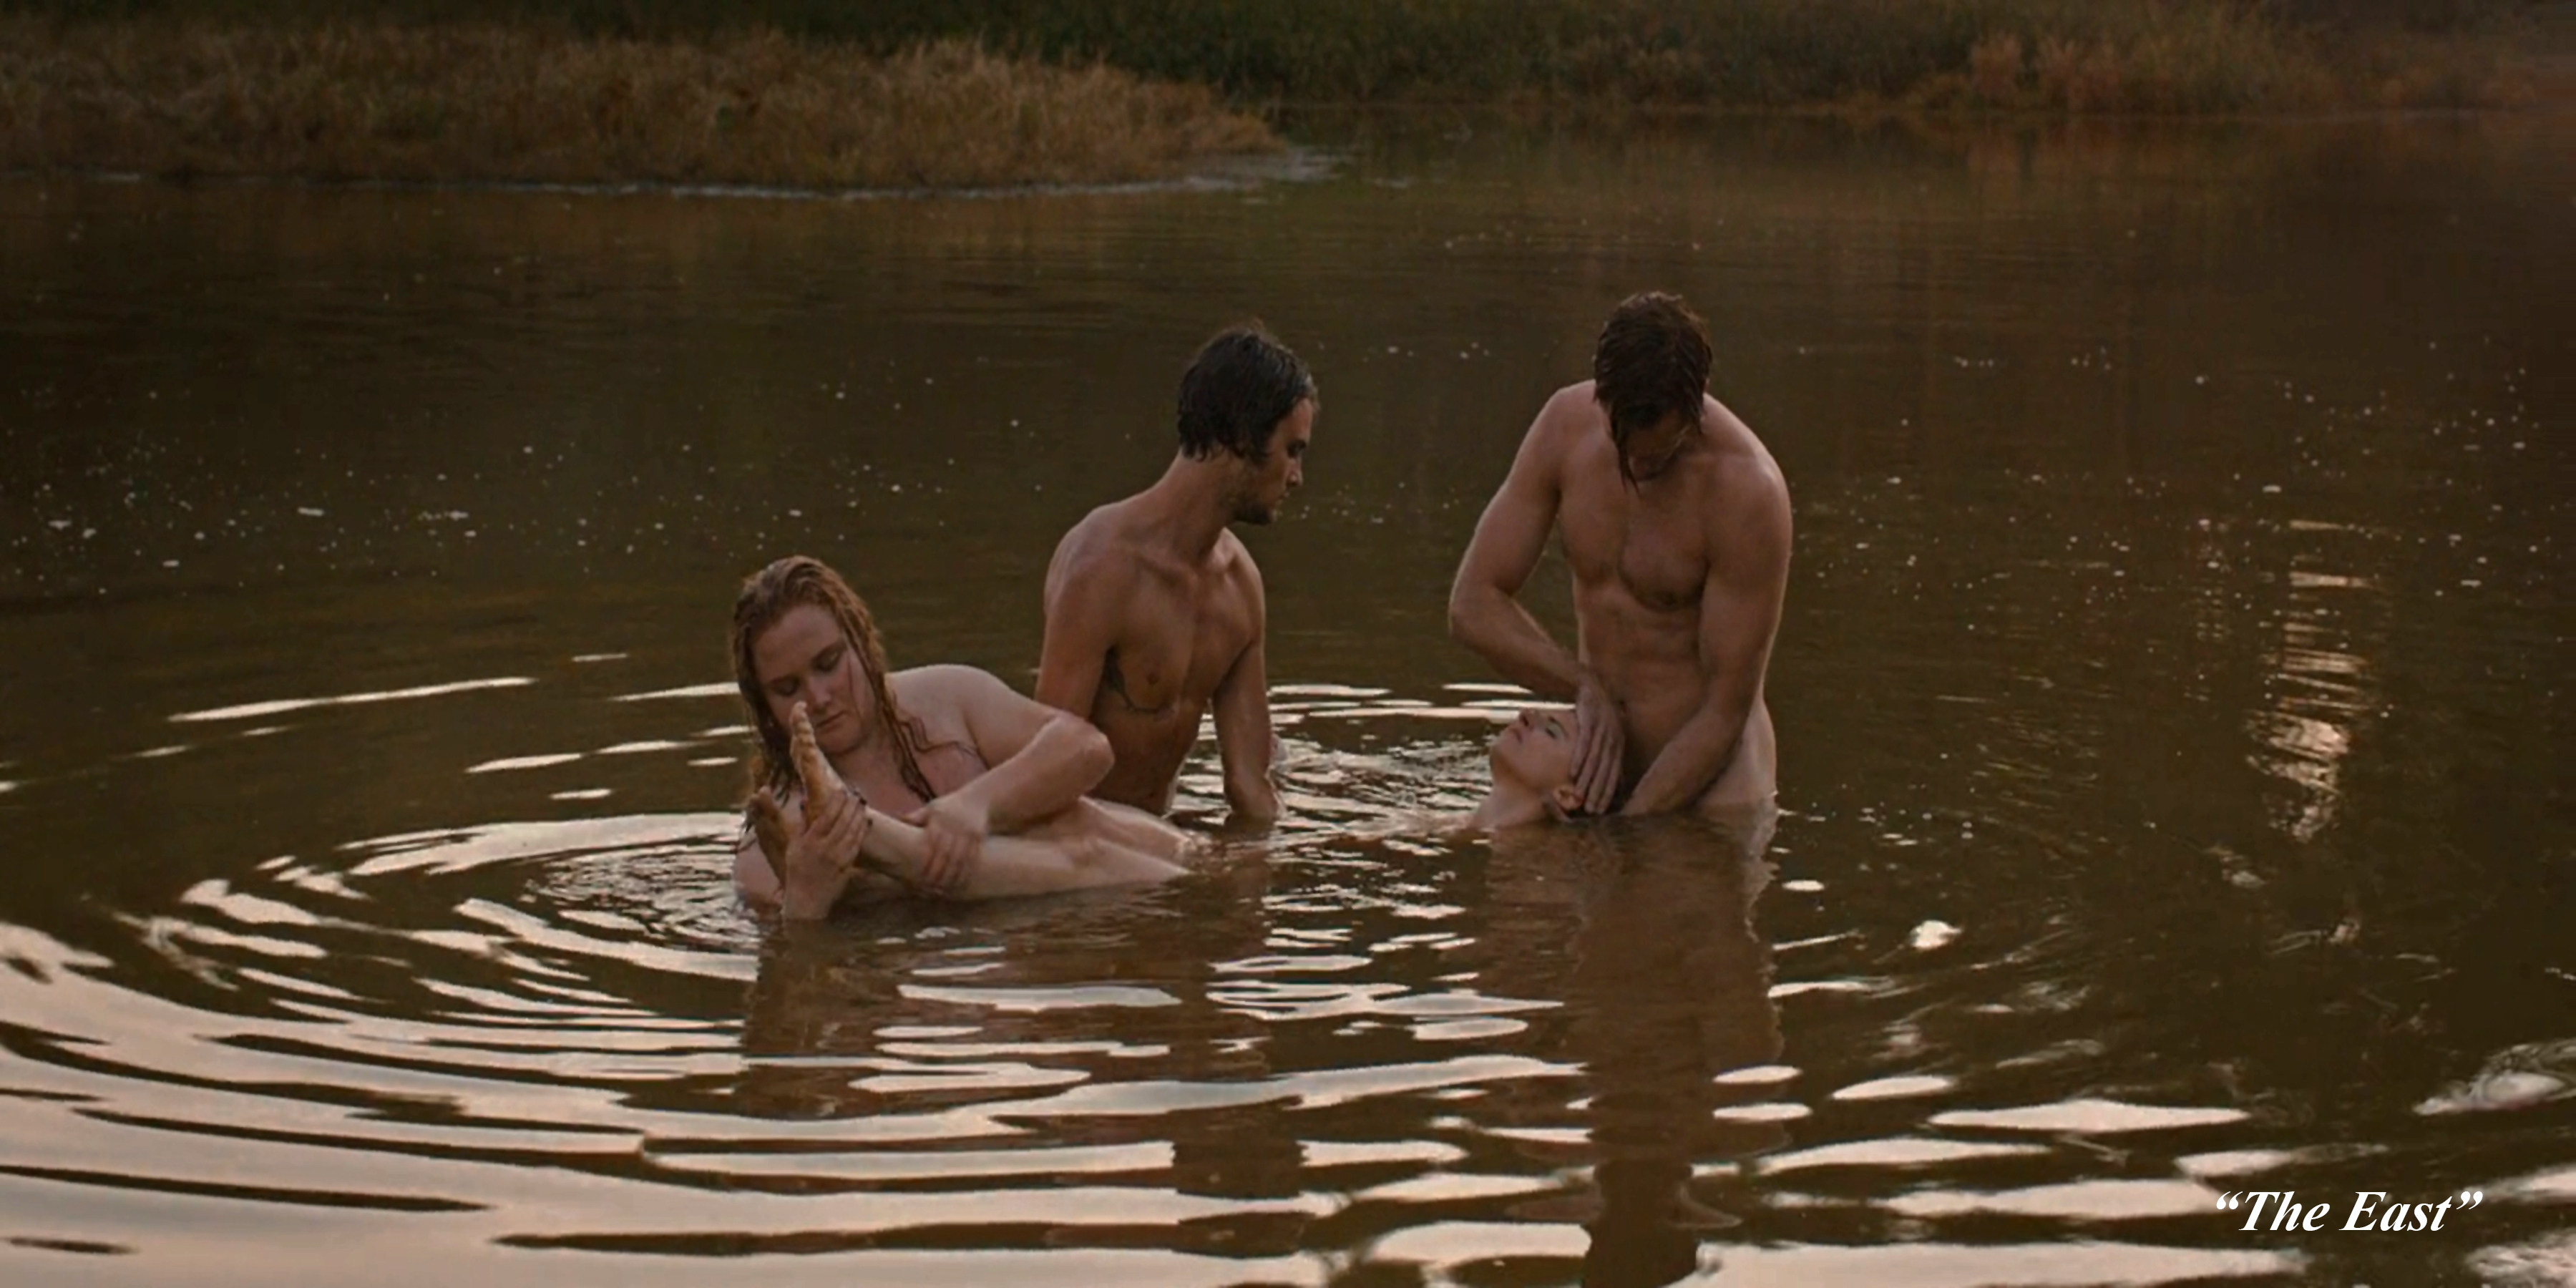 brit marling nude